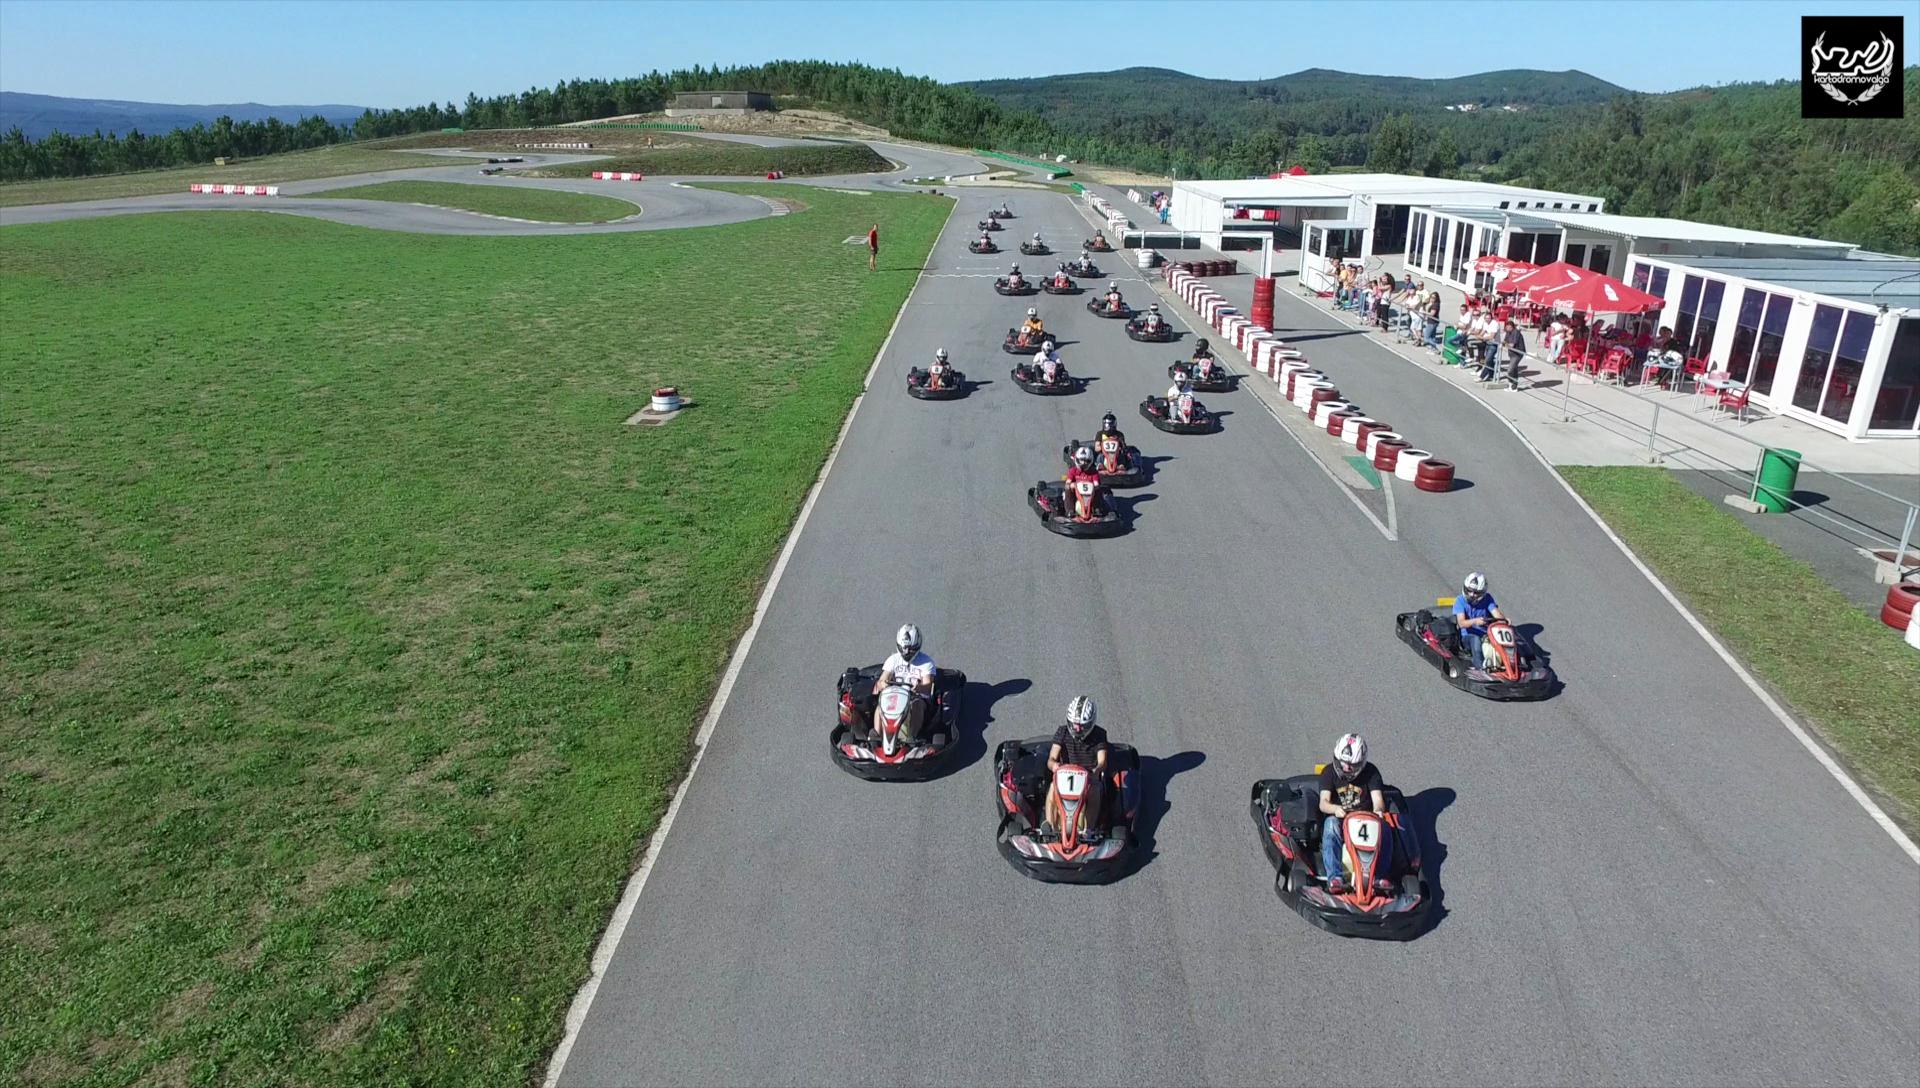 Campeonatos de karts en los mejores karting en Galicia